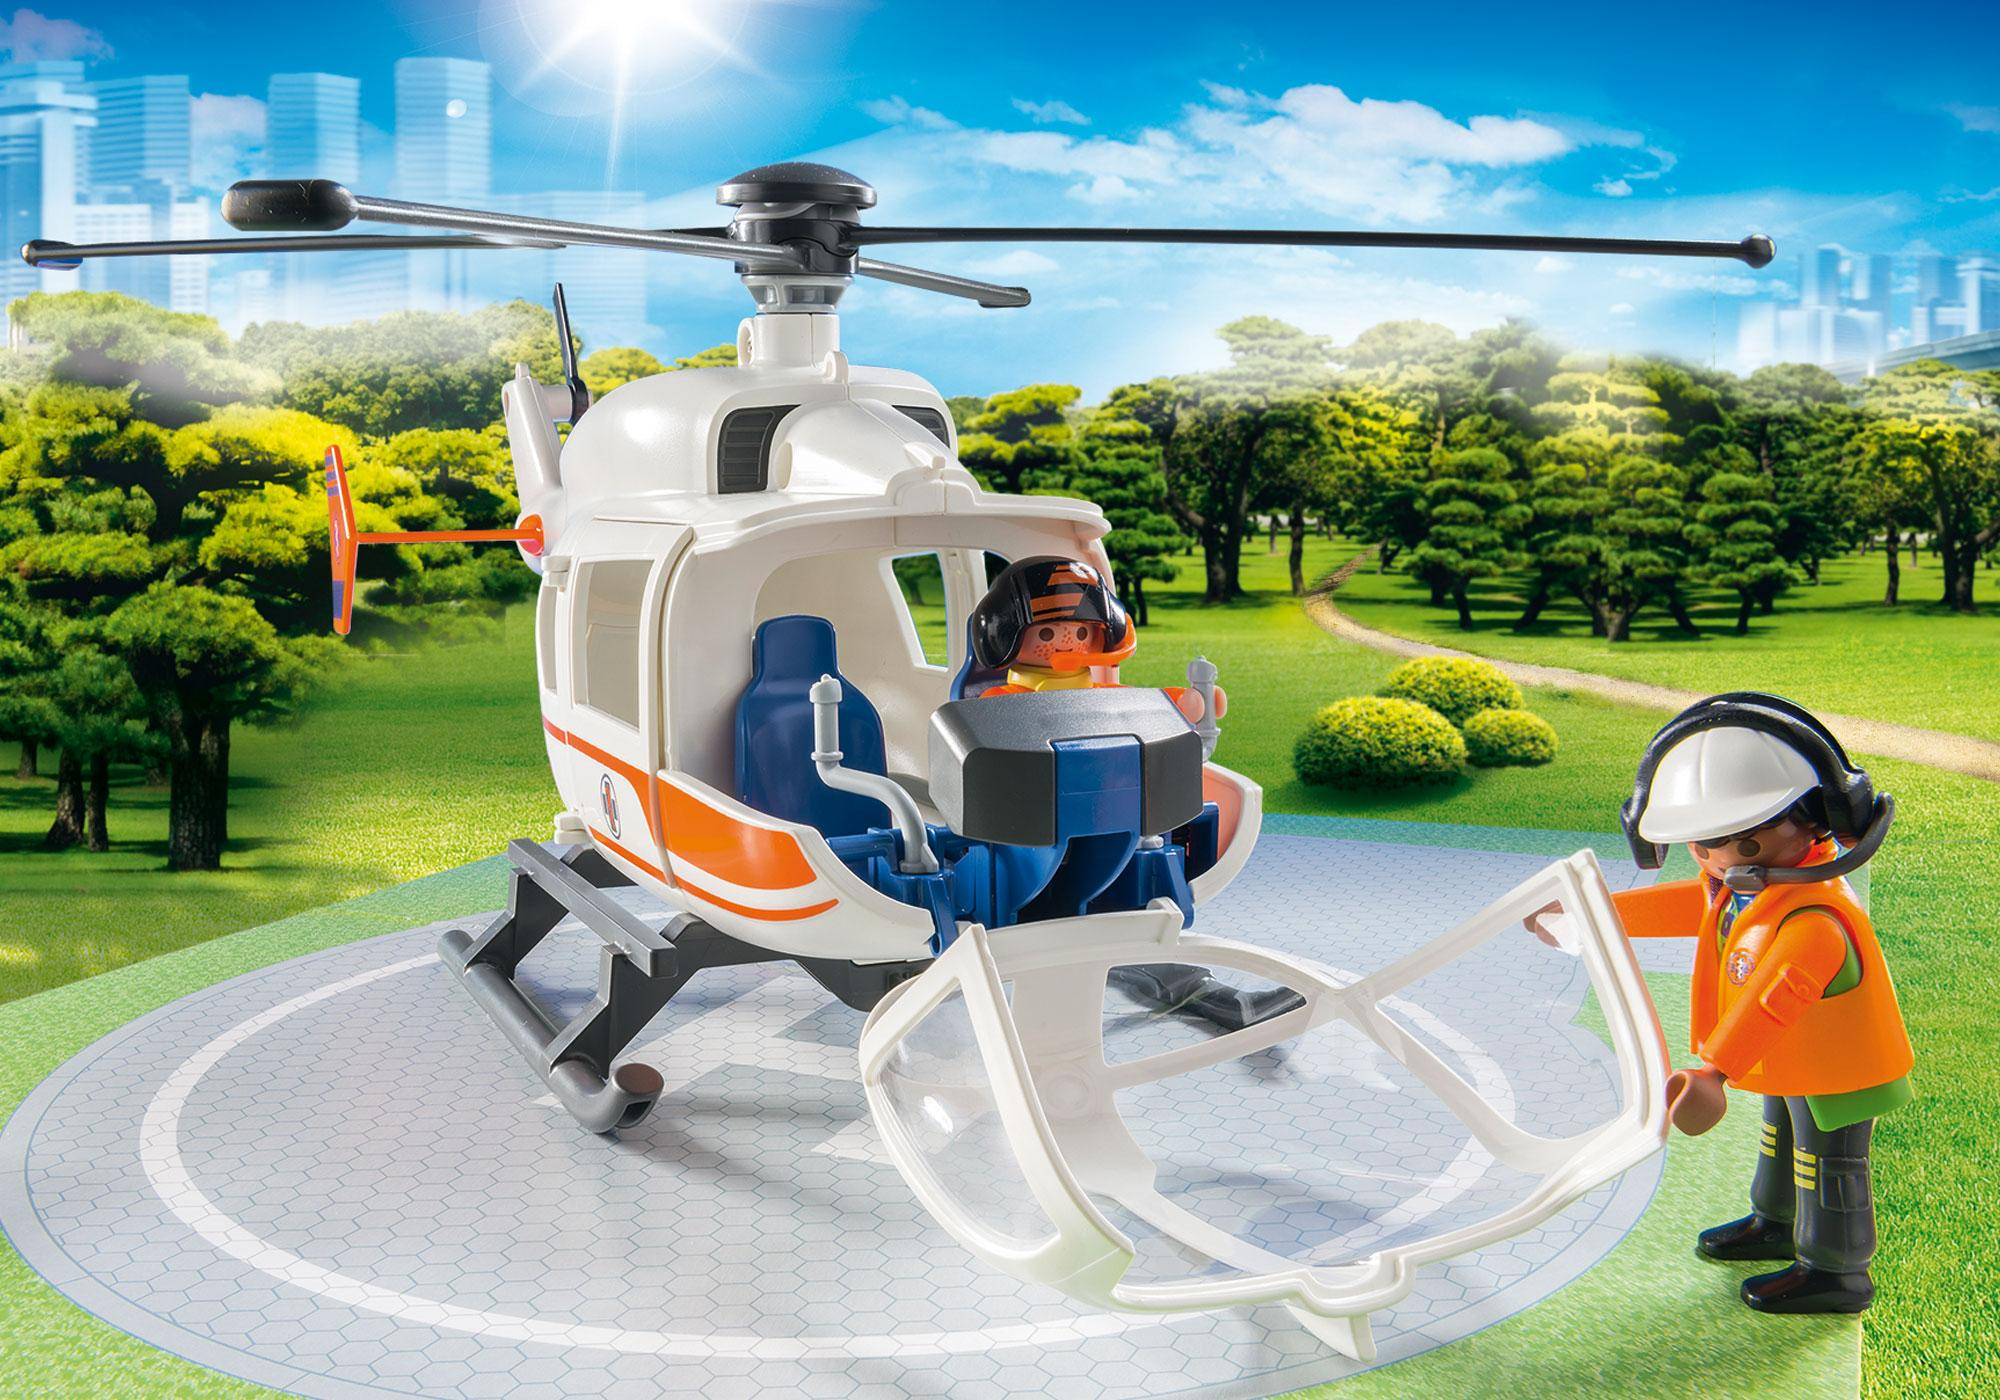 http://media.playmobil.com/i/playmobil/70048_product_extra1/Elisoccorso